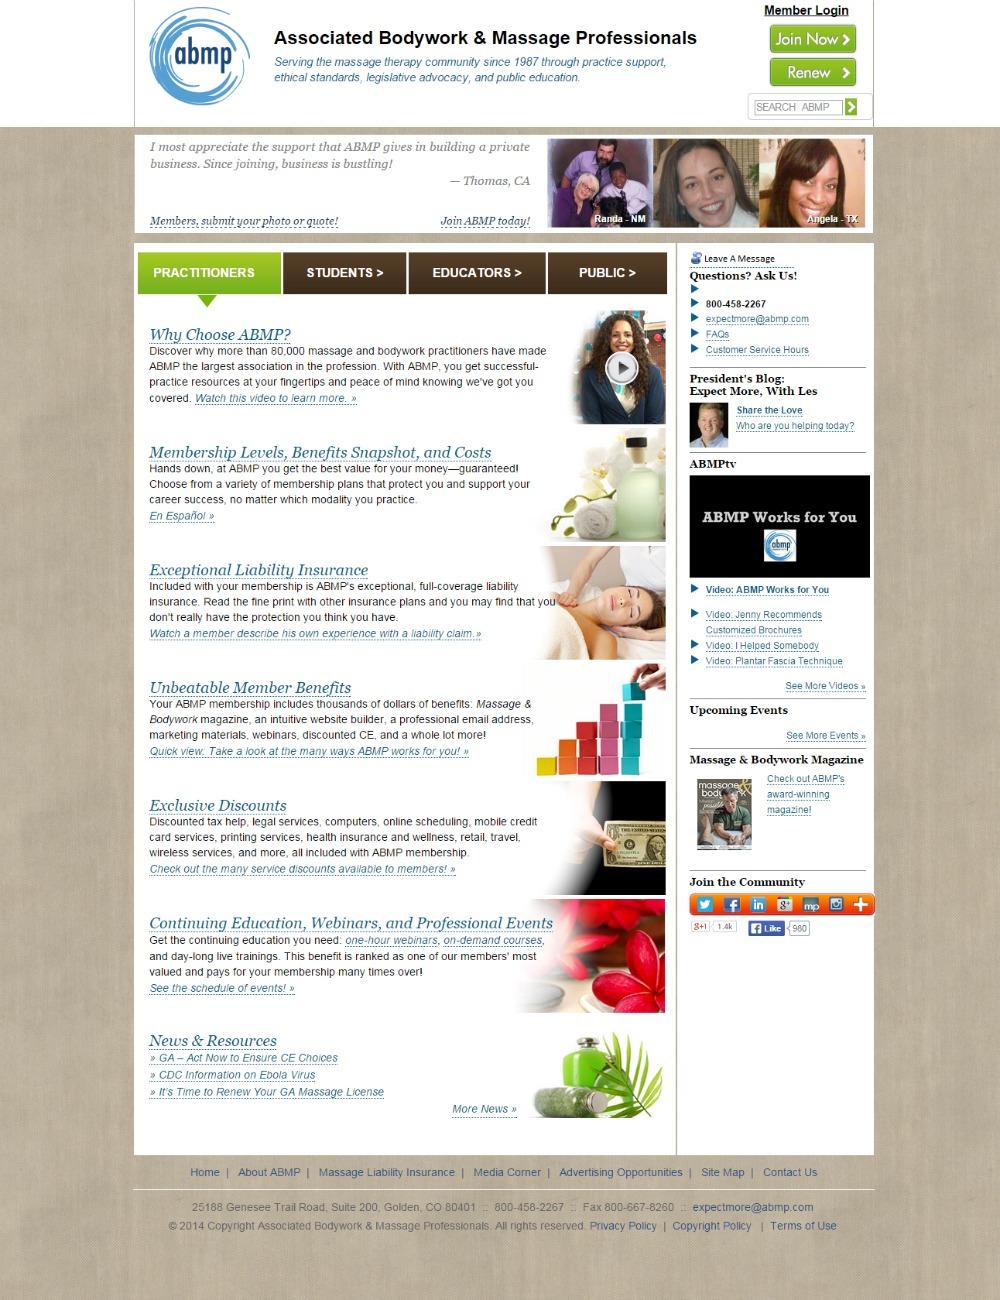 Denver Colorado massage website redesign